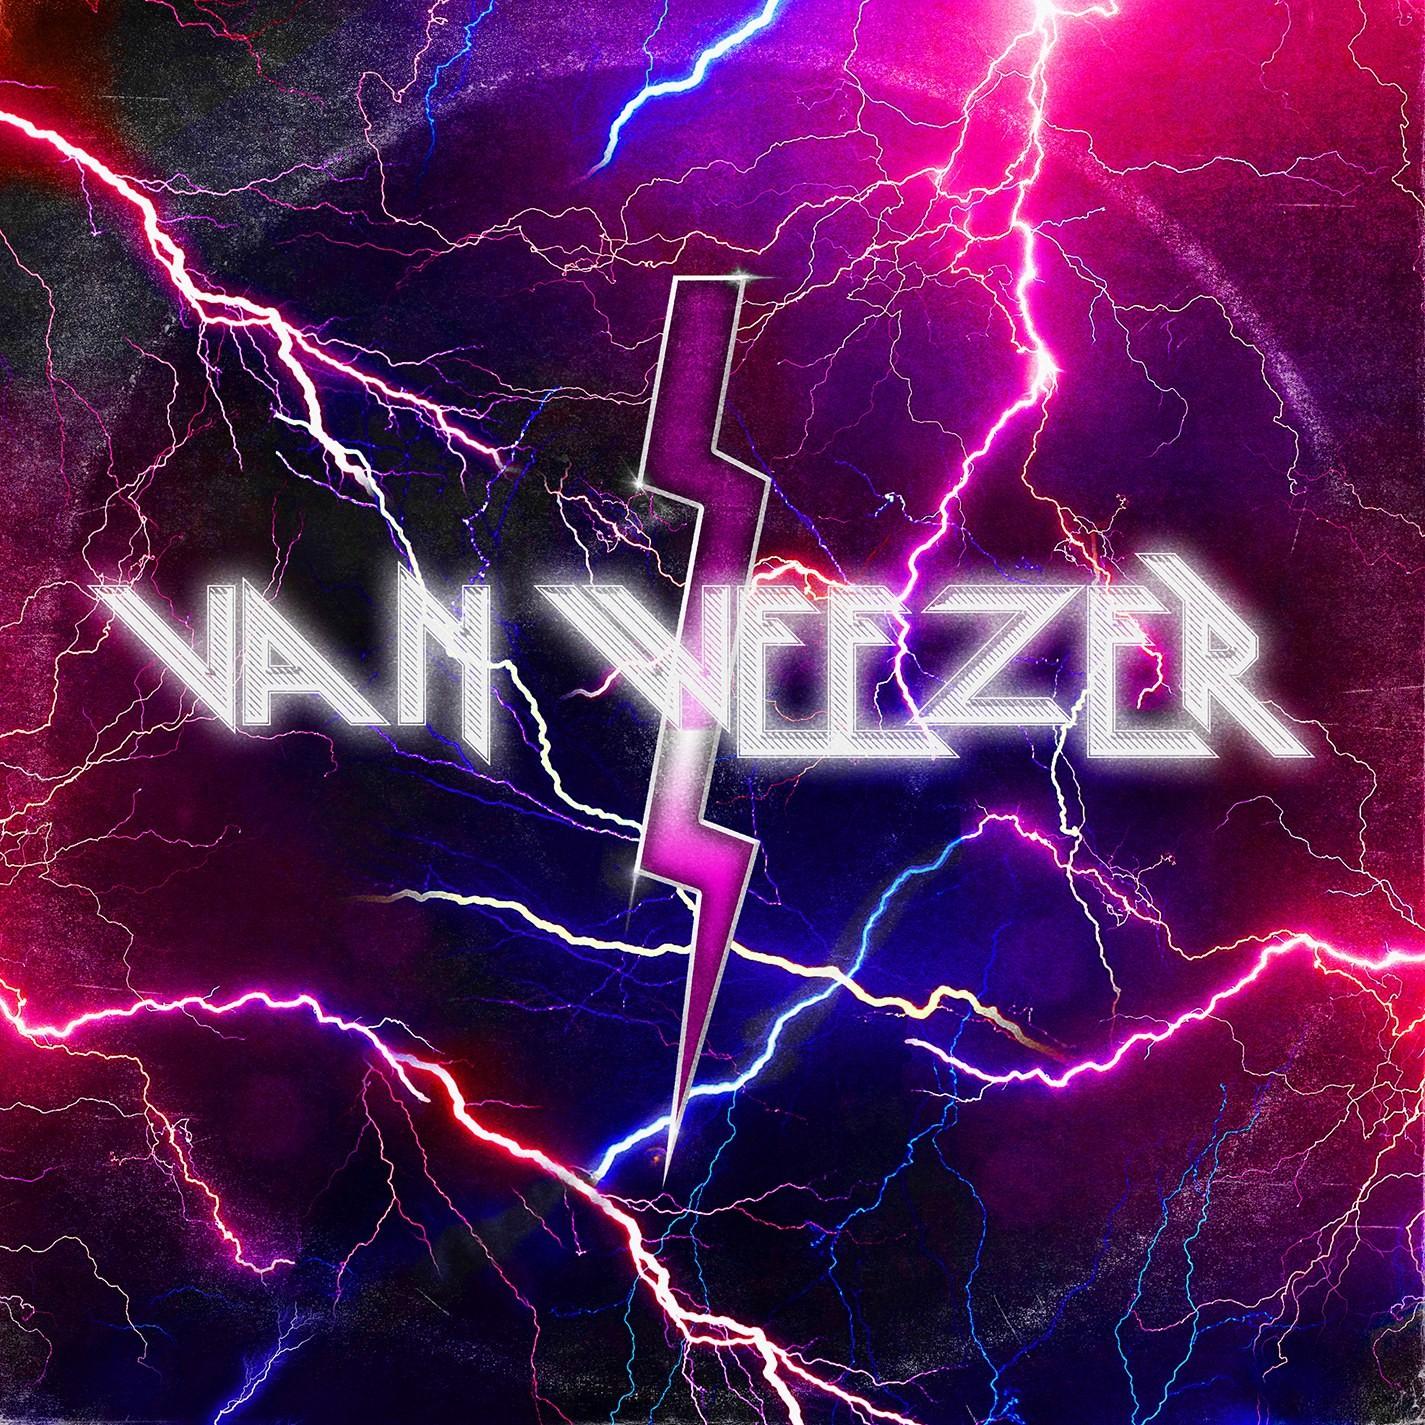 Weezer mistura paixão por metal, Nirvana e dados para criar shows e novos álbuns para 2020 - Notícias - Plantão Diário